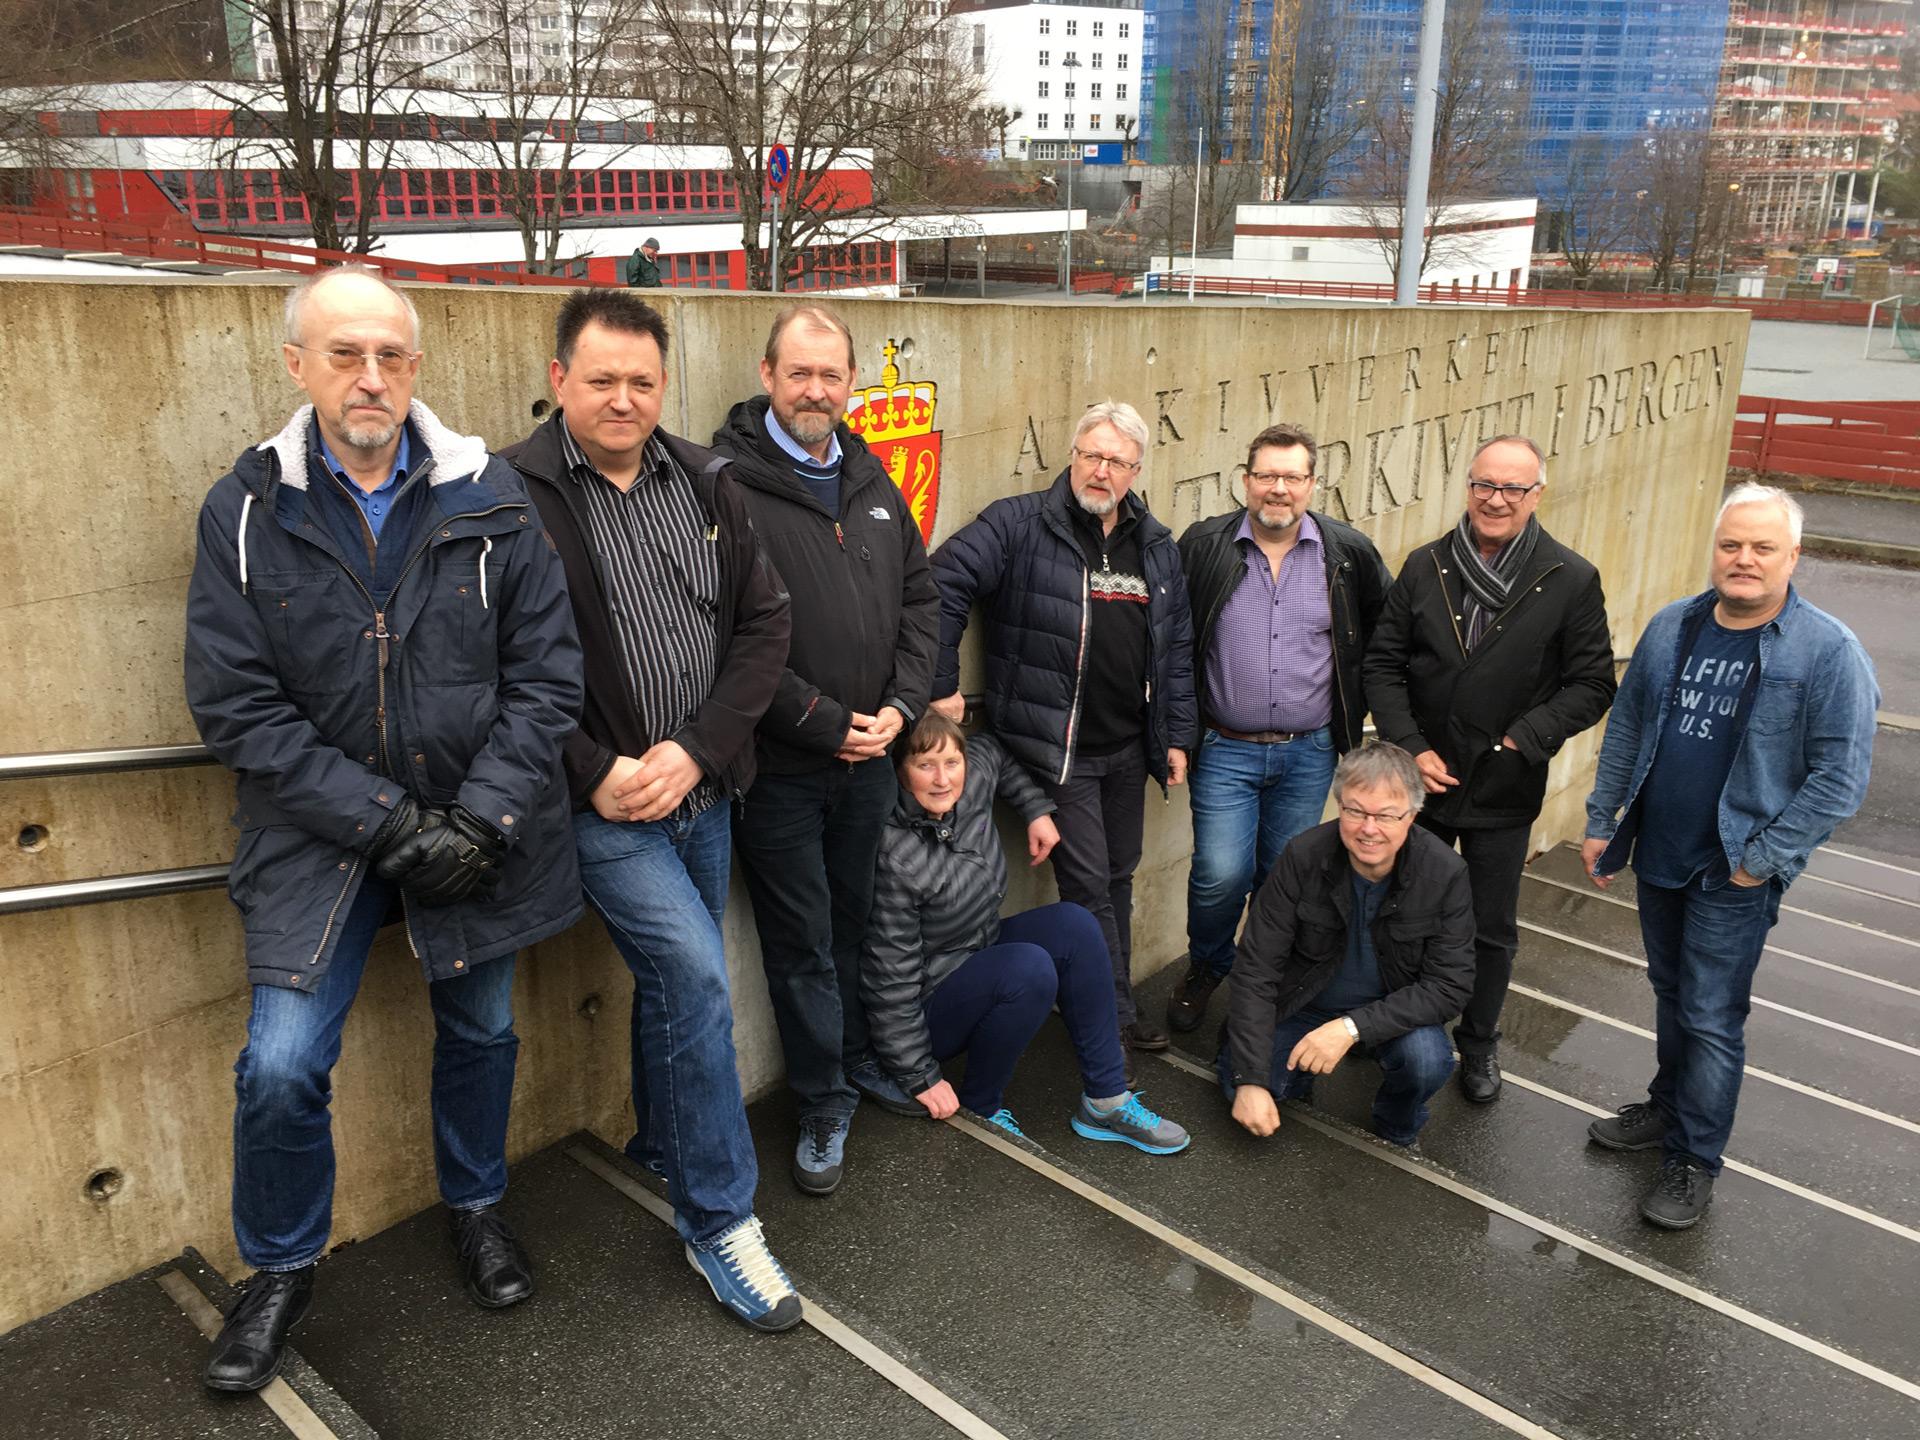 Göran Zebühr, Tom Jarane, Arne Bergo, Bente Nedrebø, Roald Synnevåg, Halvor Larsen, Freddy Van Gilbergen og Bjarne Hyldgaard.